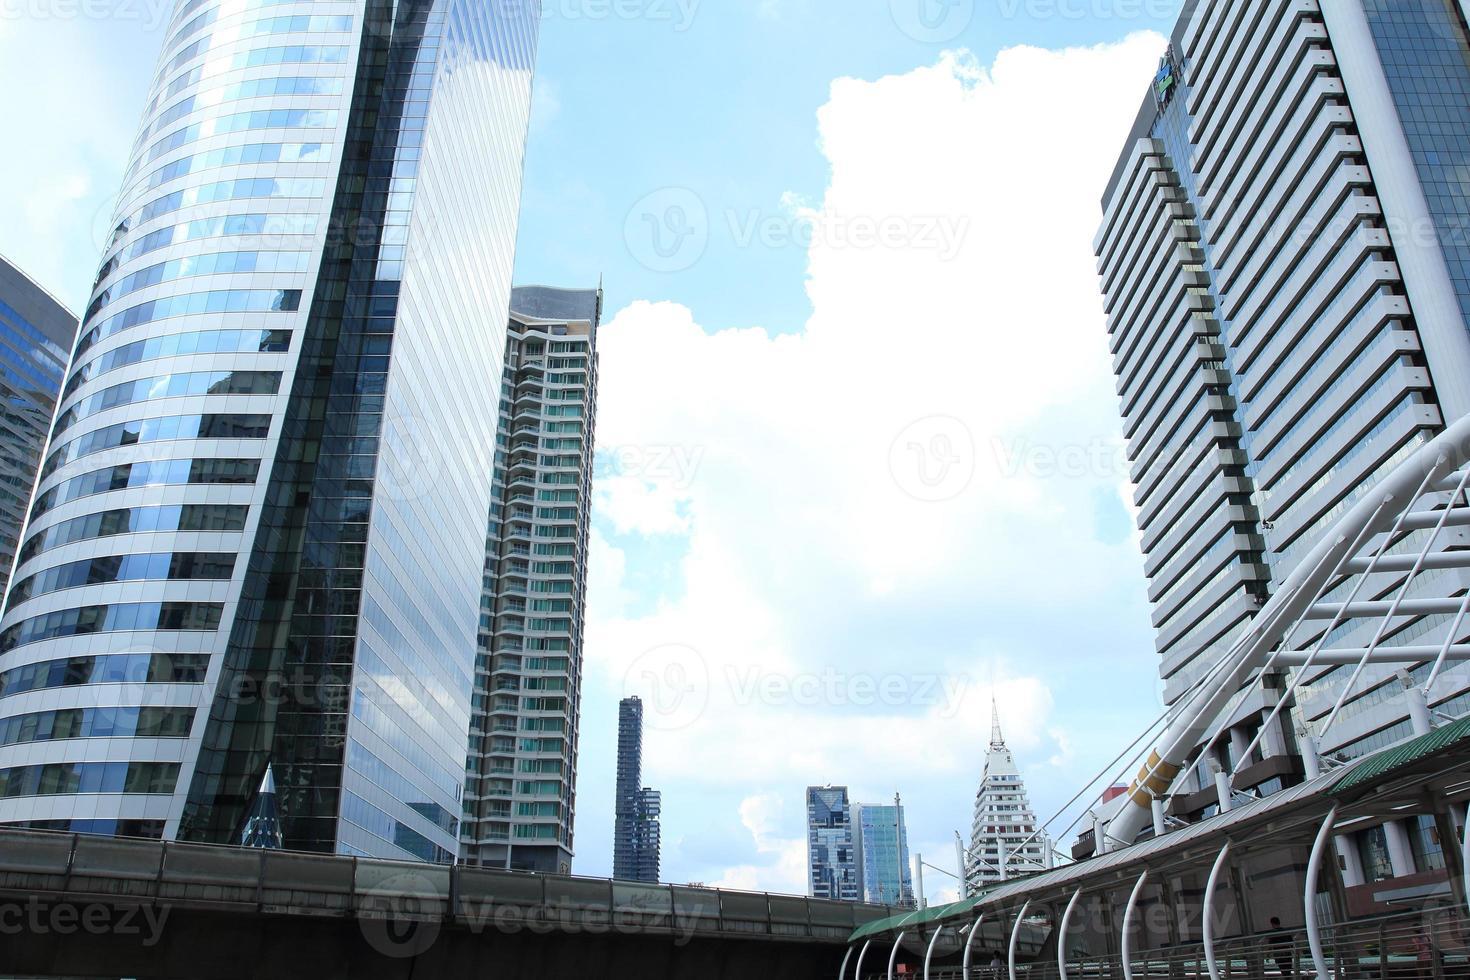 chong nonsi sky-walk photo